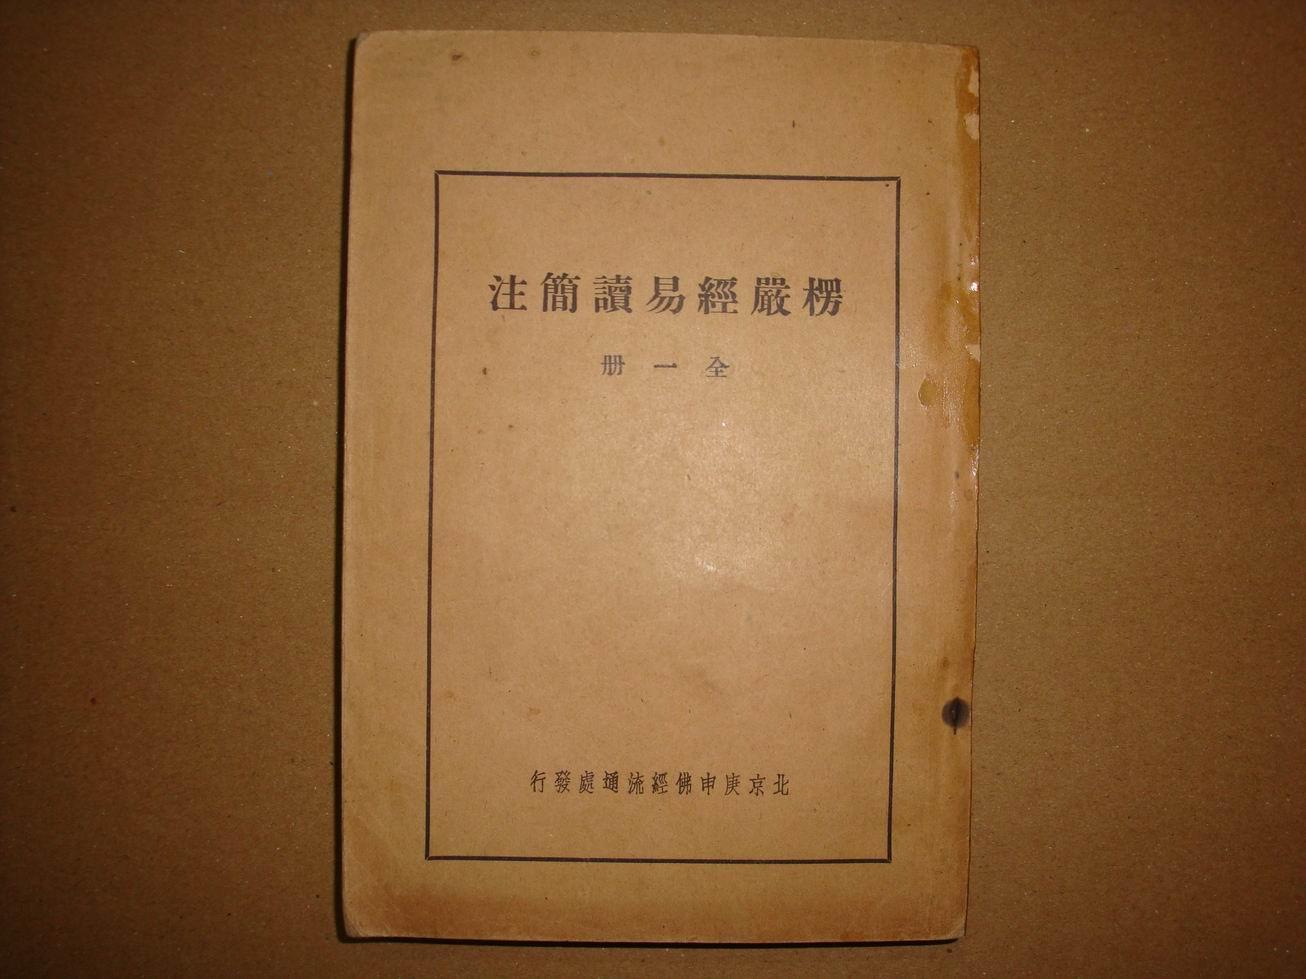 《楞严经易读简註》全一册-作者:慧因-北京庚申佛经流通处-1943年初版--康德九年印!康德十年出版